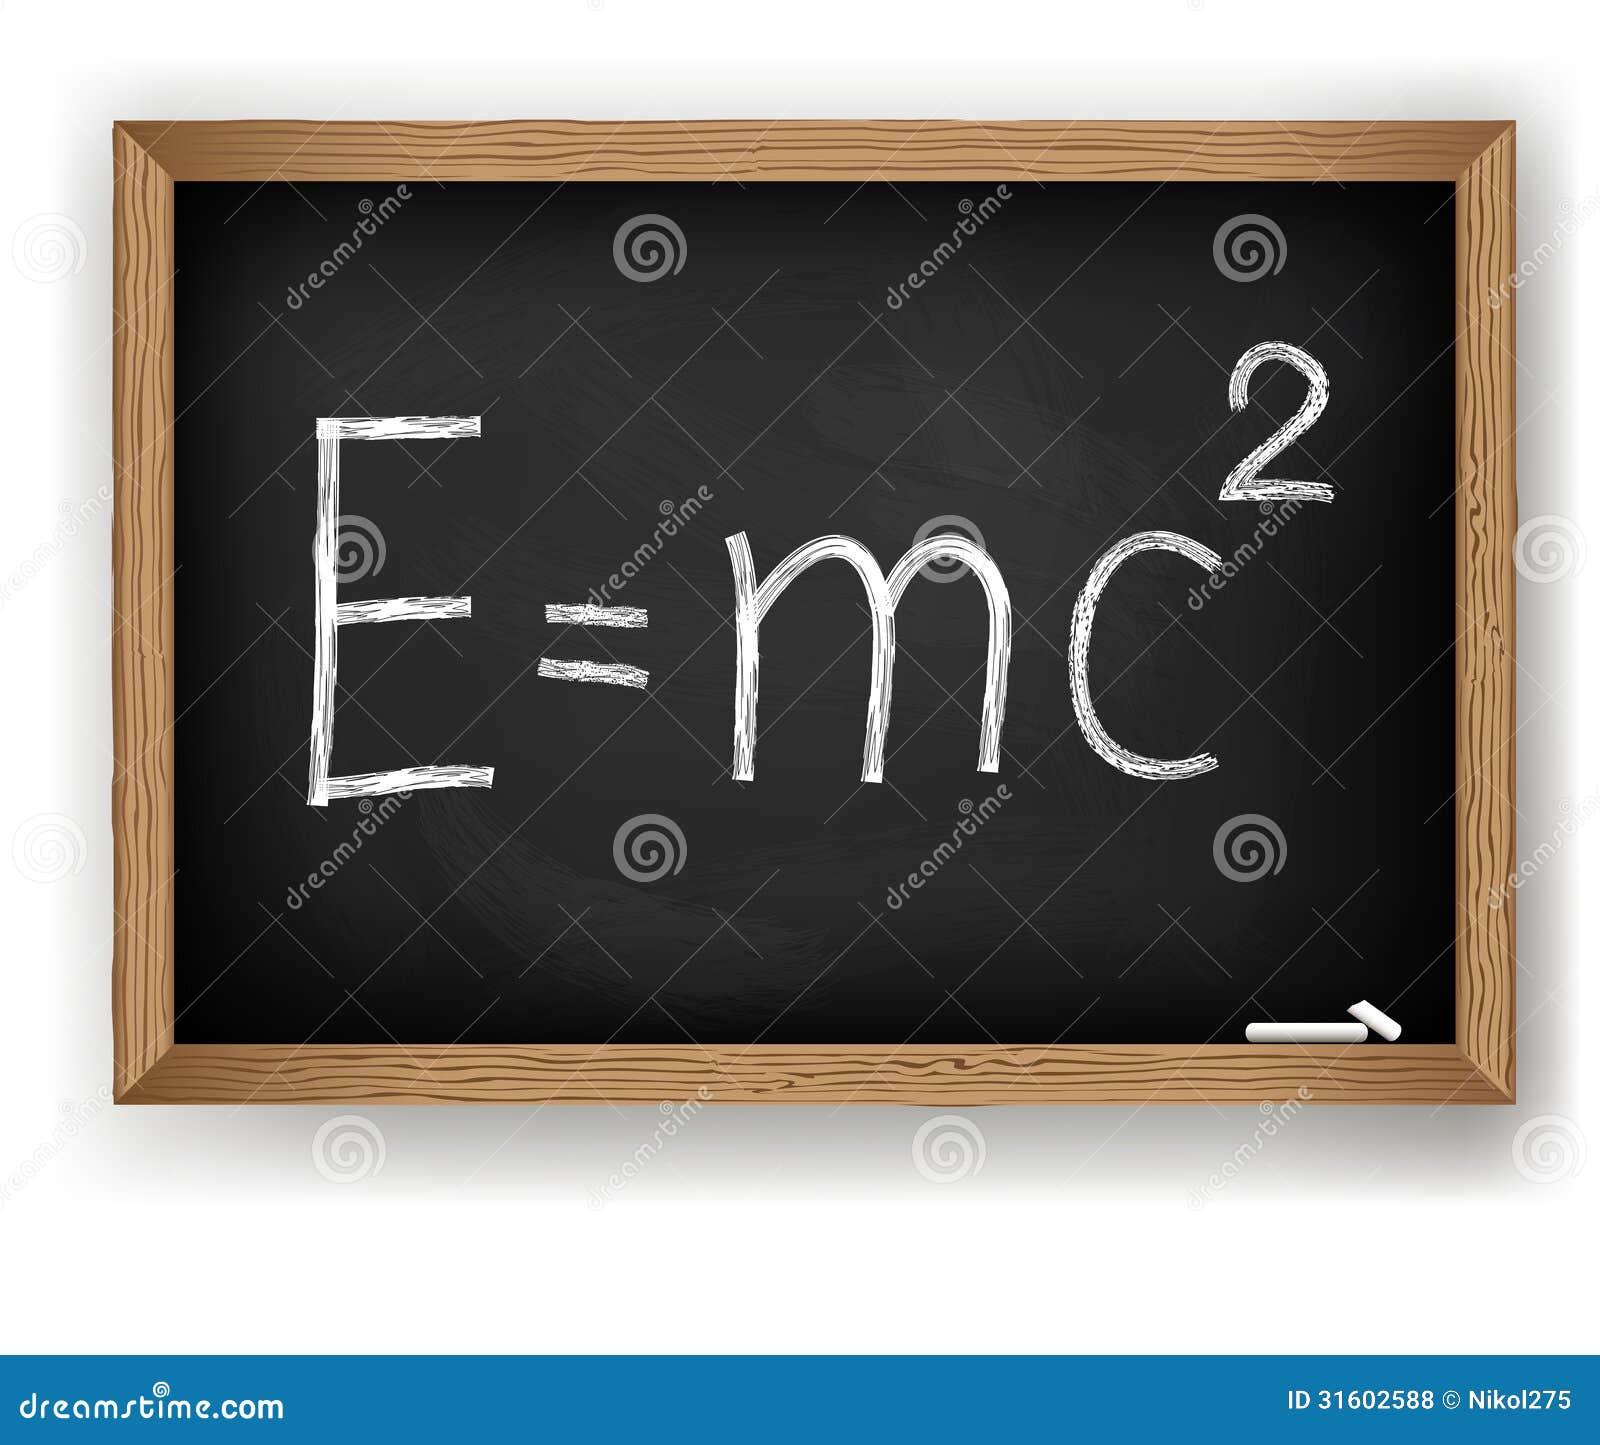 Write a mathematical formula designed